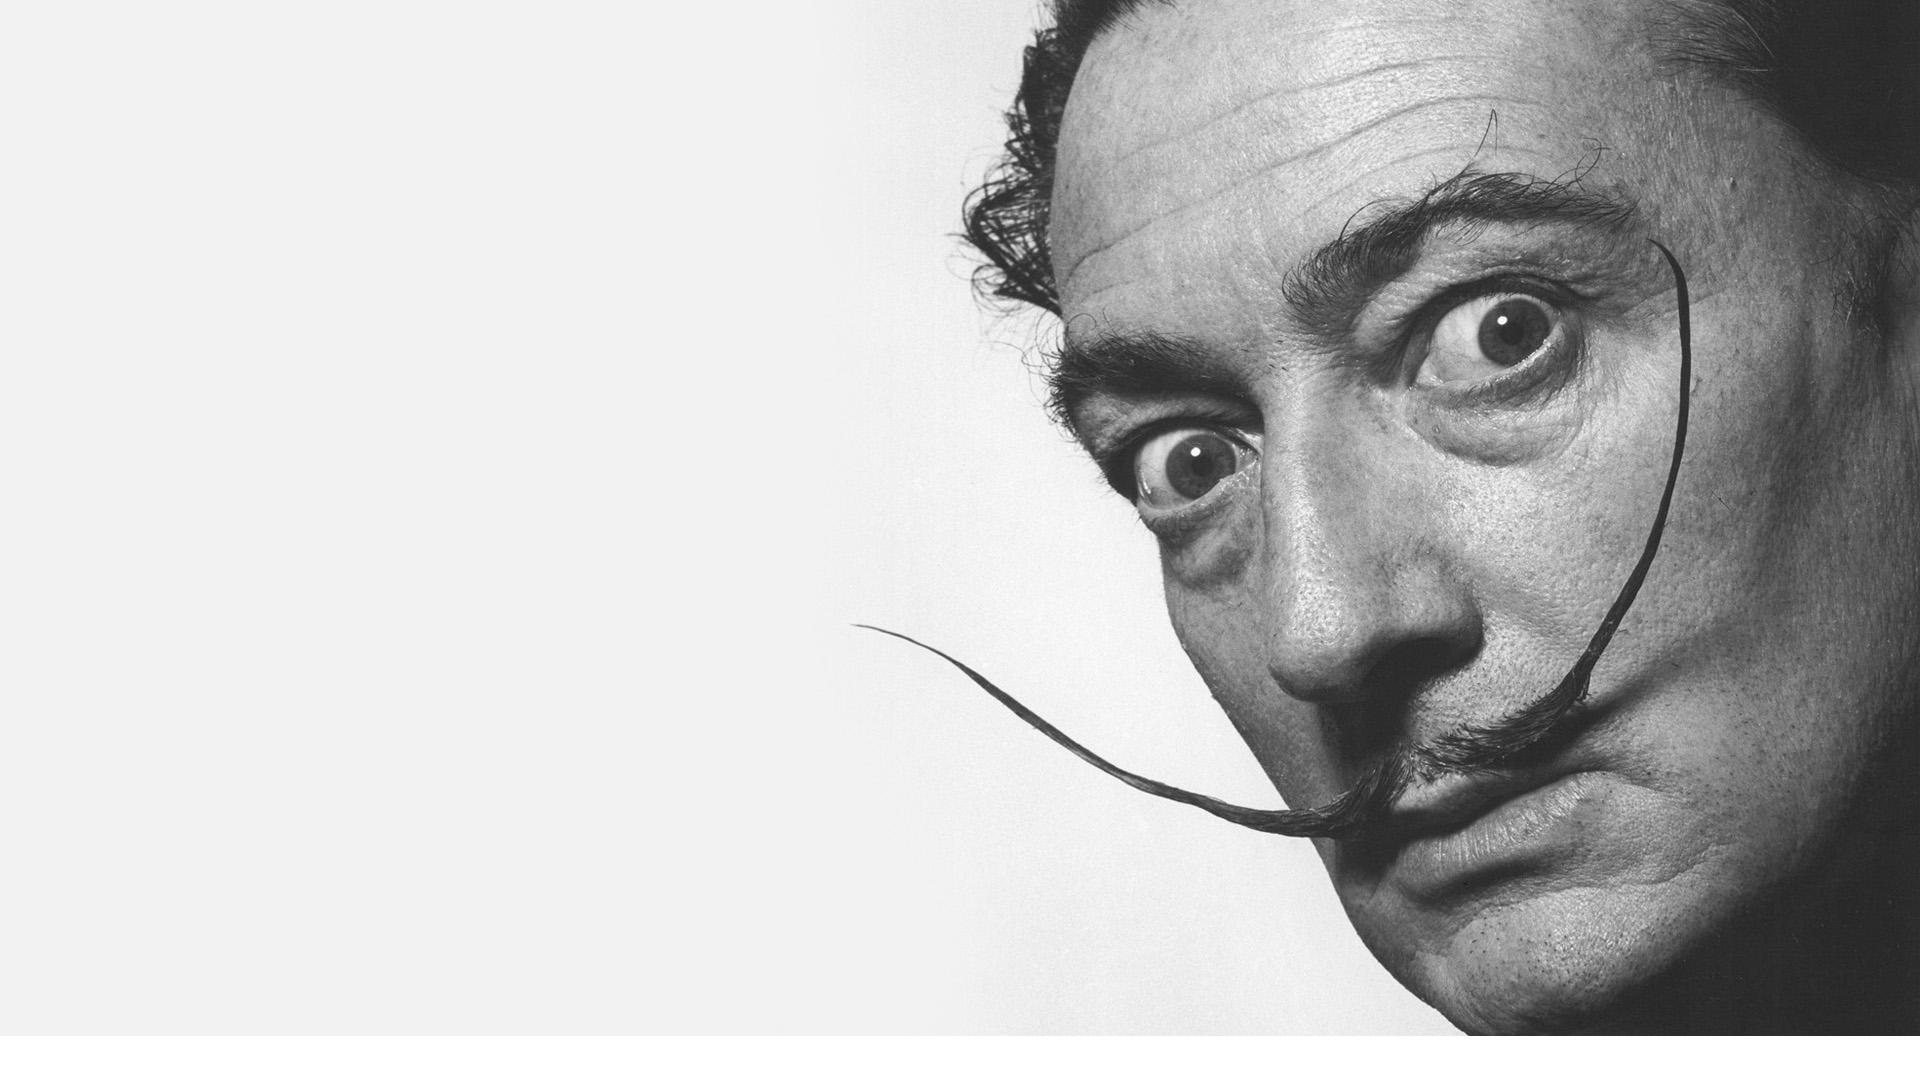 El pintor español, gran representante de esta tendencia, soltó el pincel un 23 de enero los 84 años